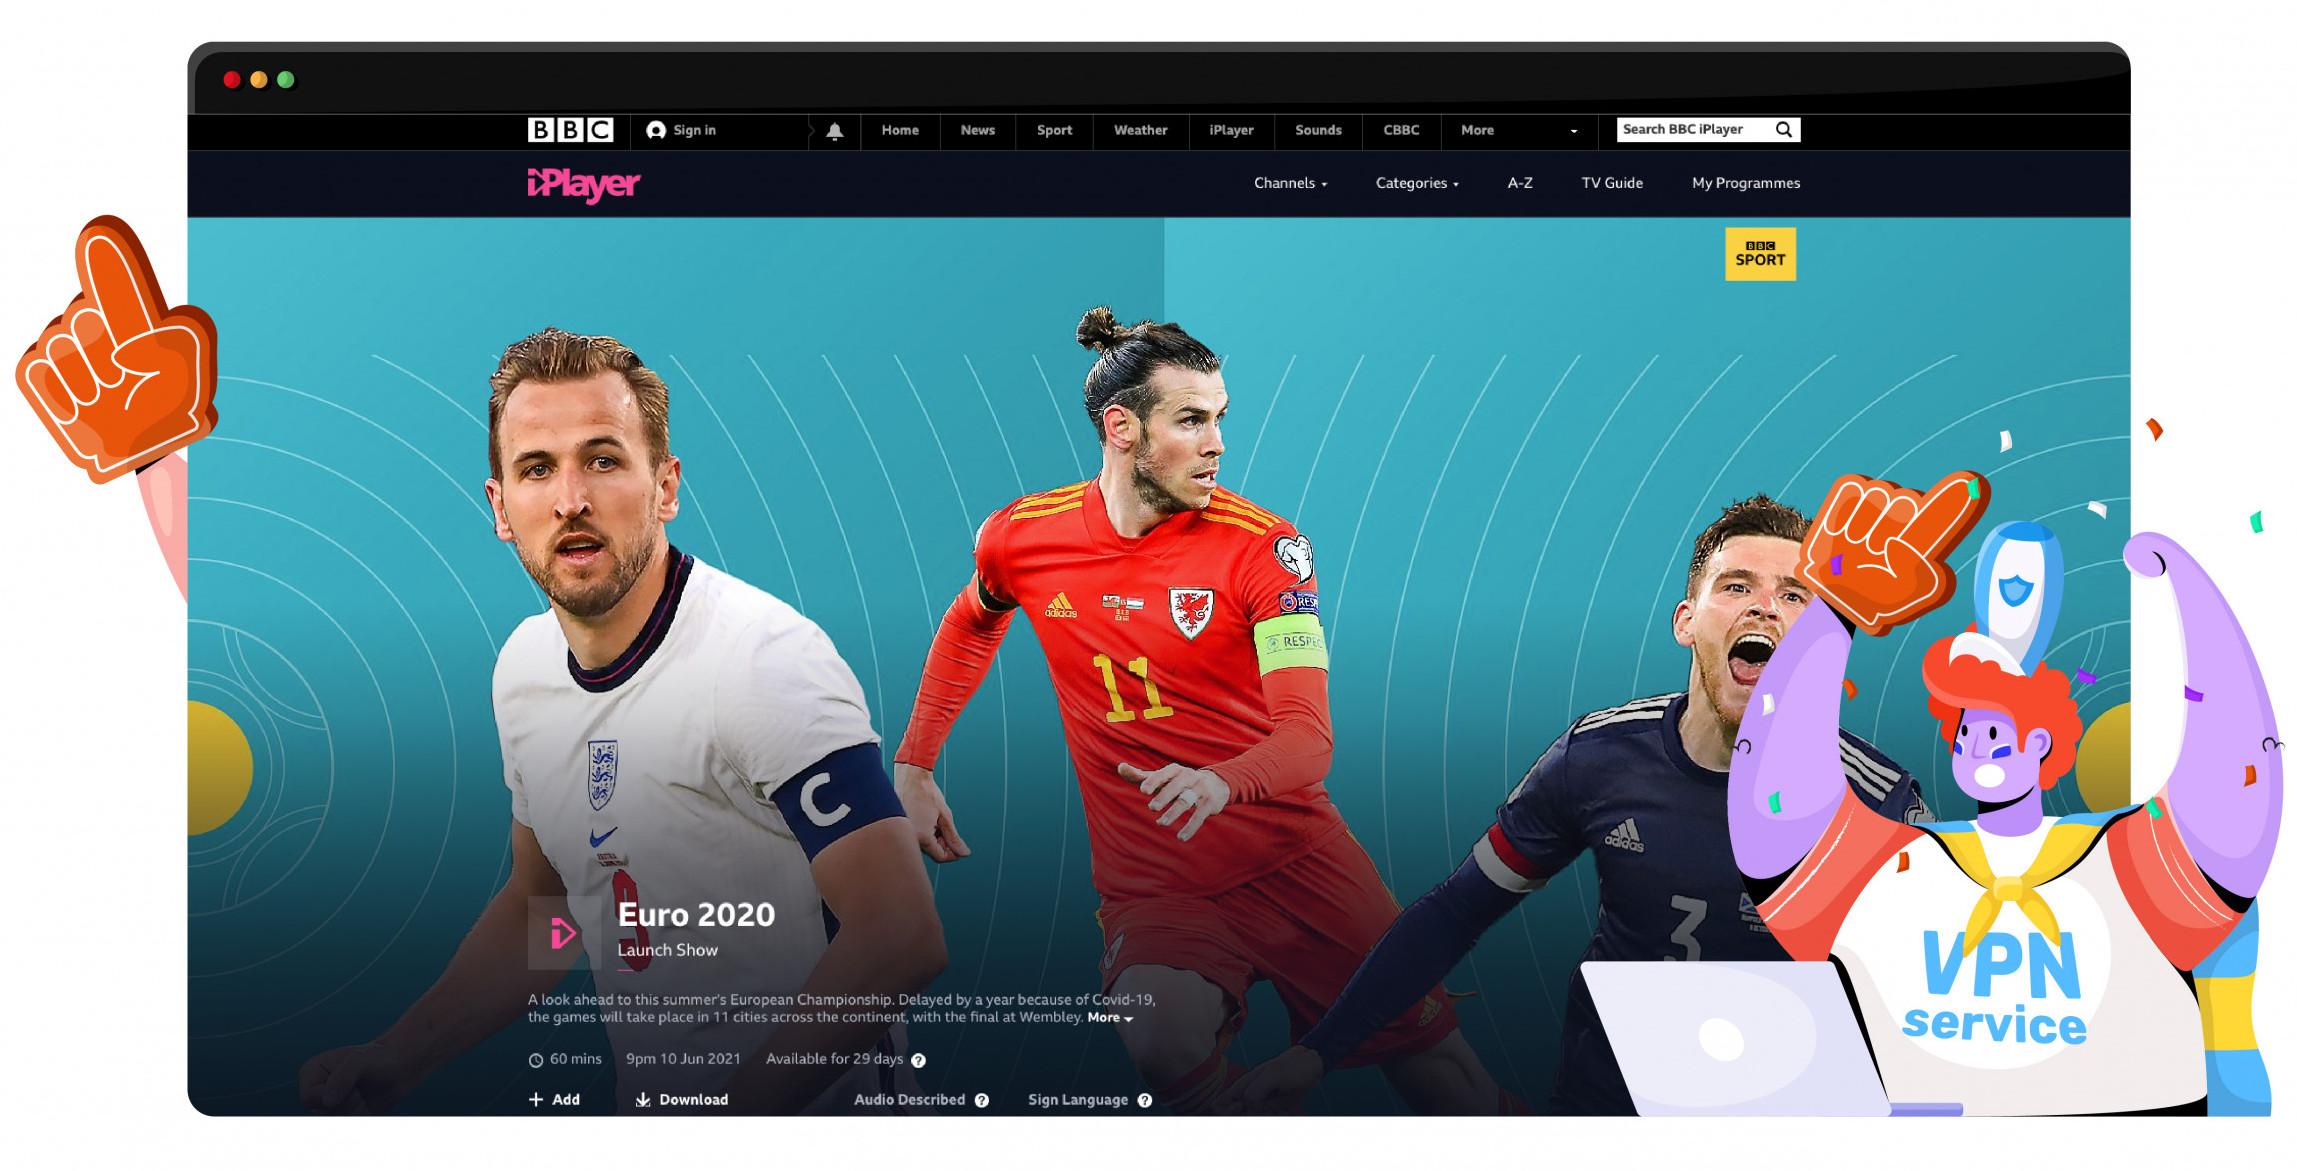 Stream Euro 2020 UK from BBC iPlayer